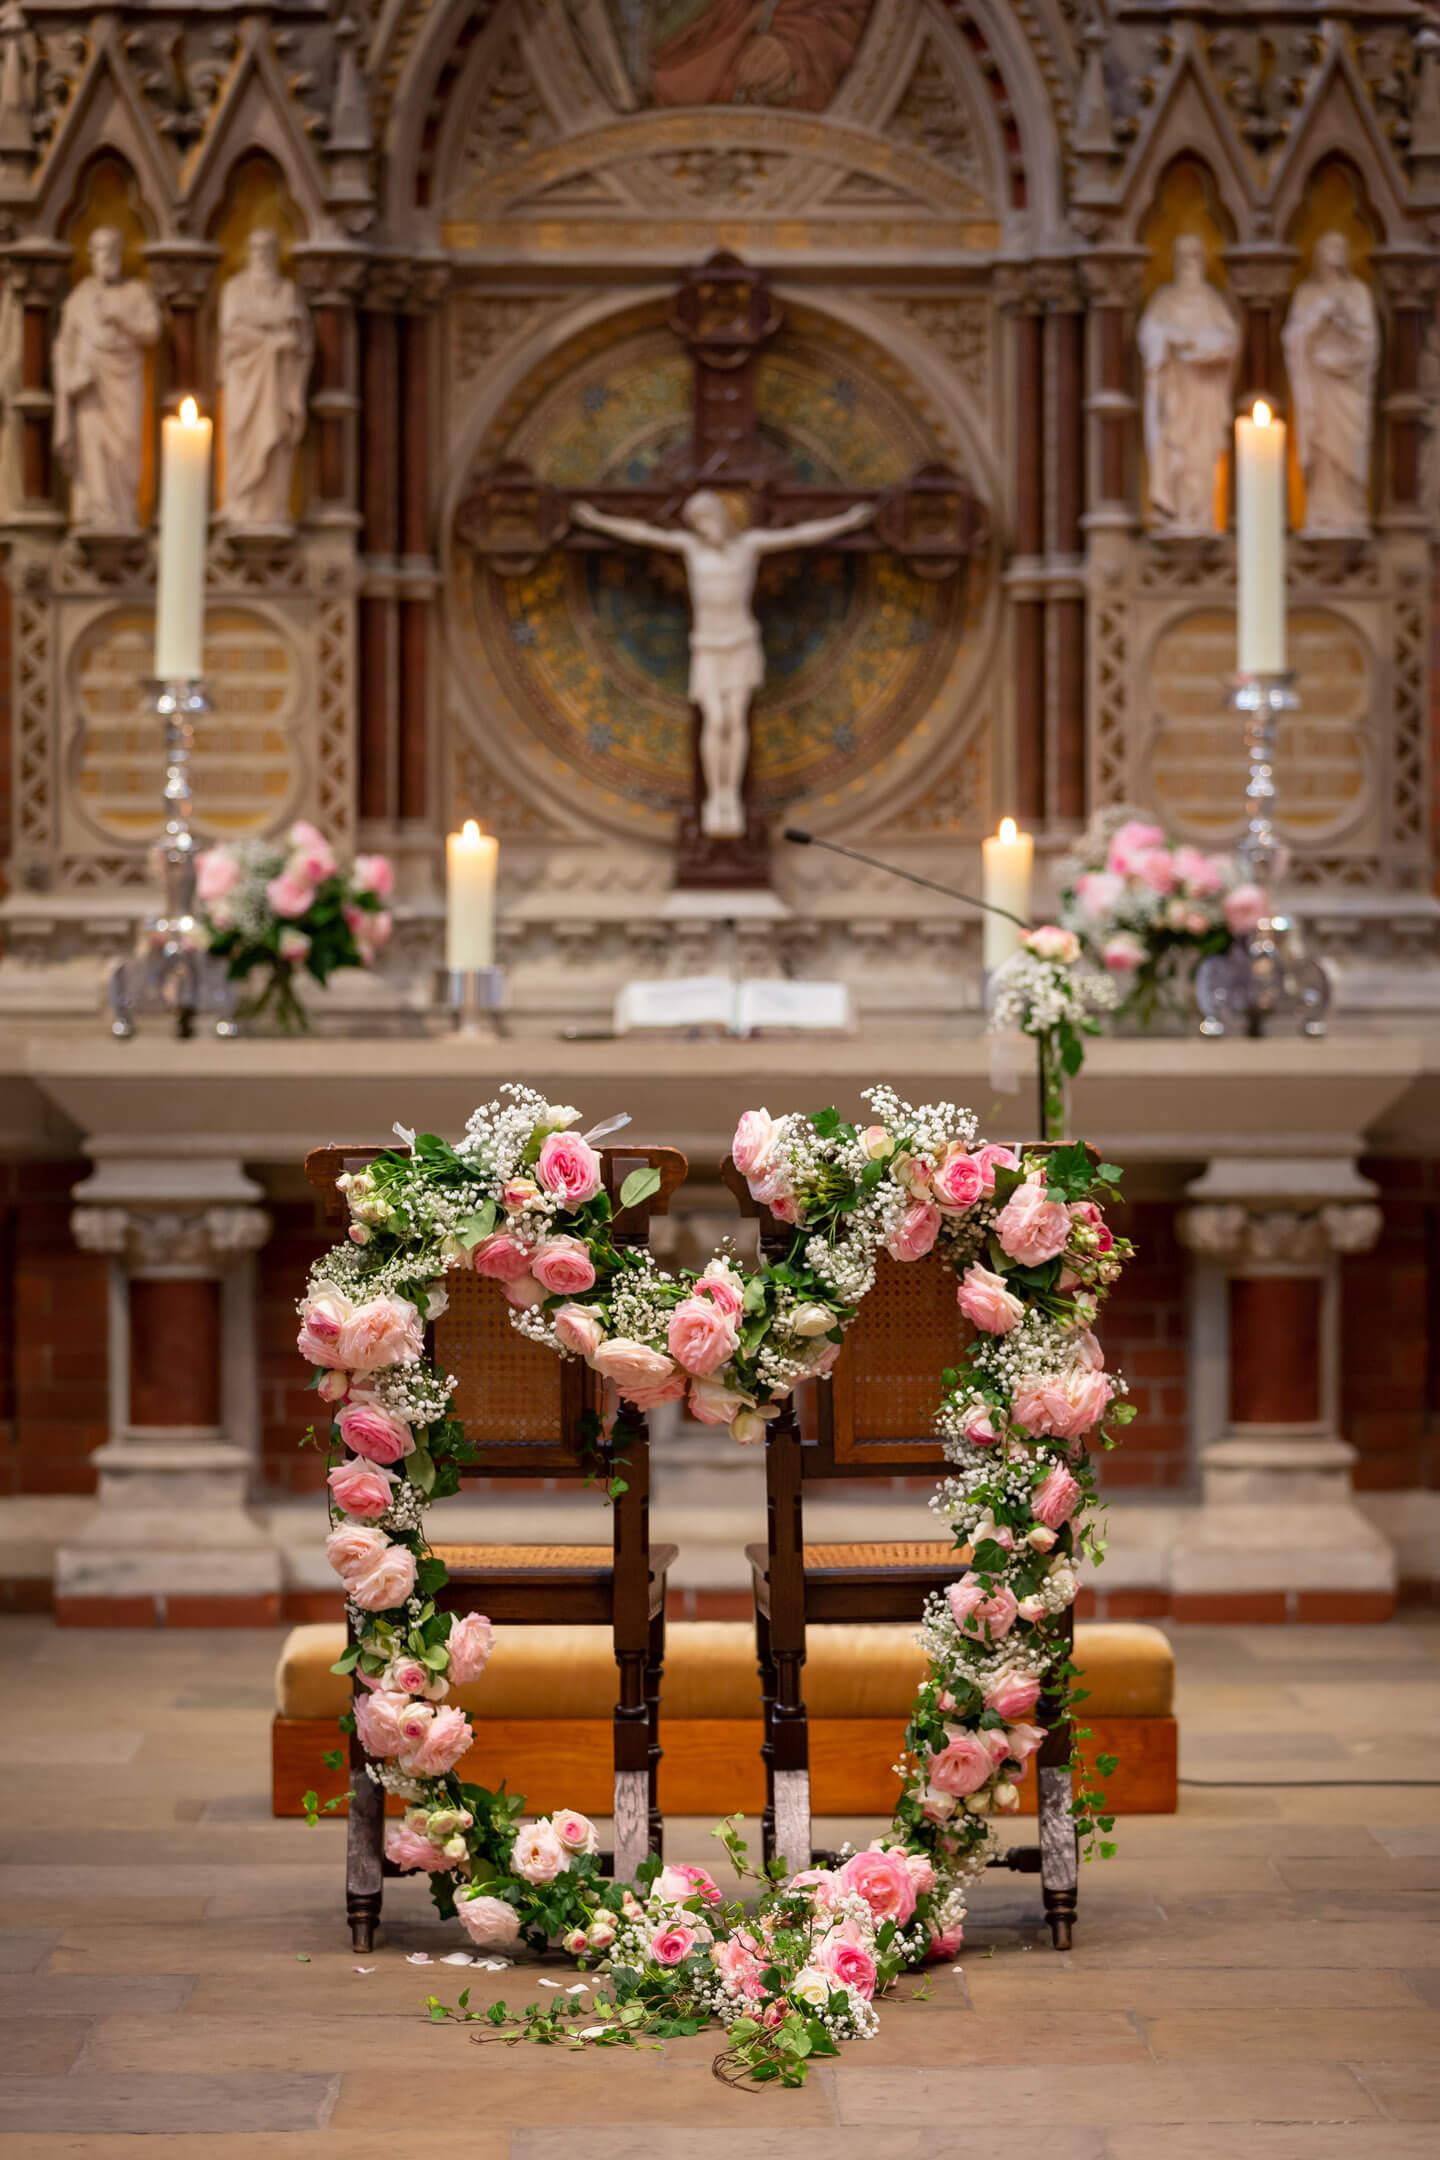 Blumenherz am Altar der St. Gertrud-Kirche in Hamburg